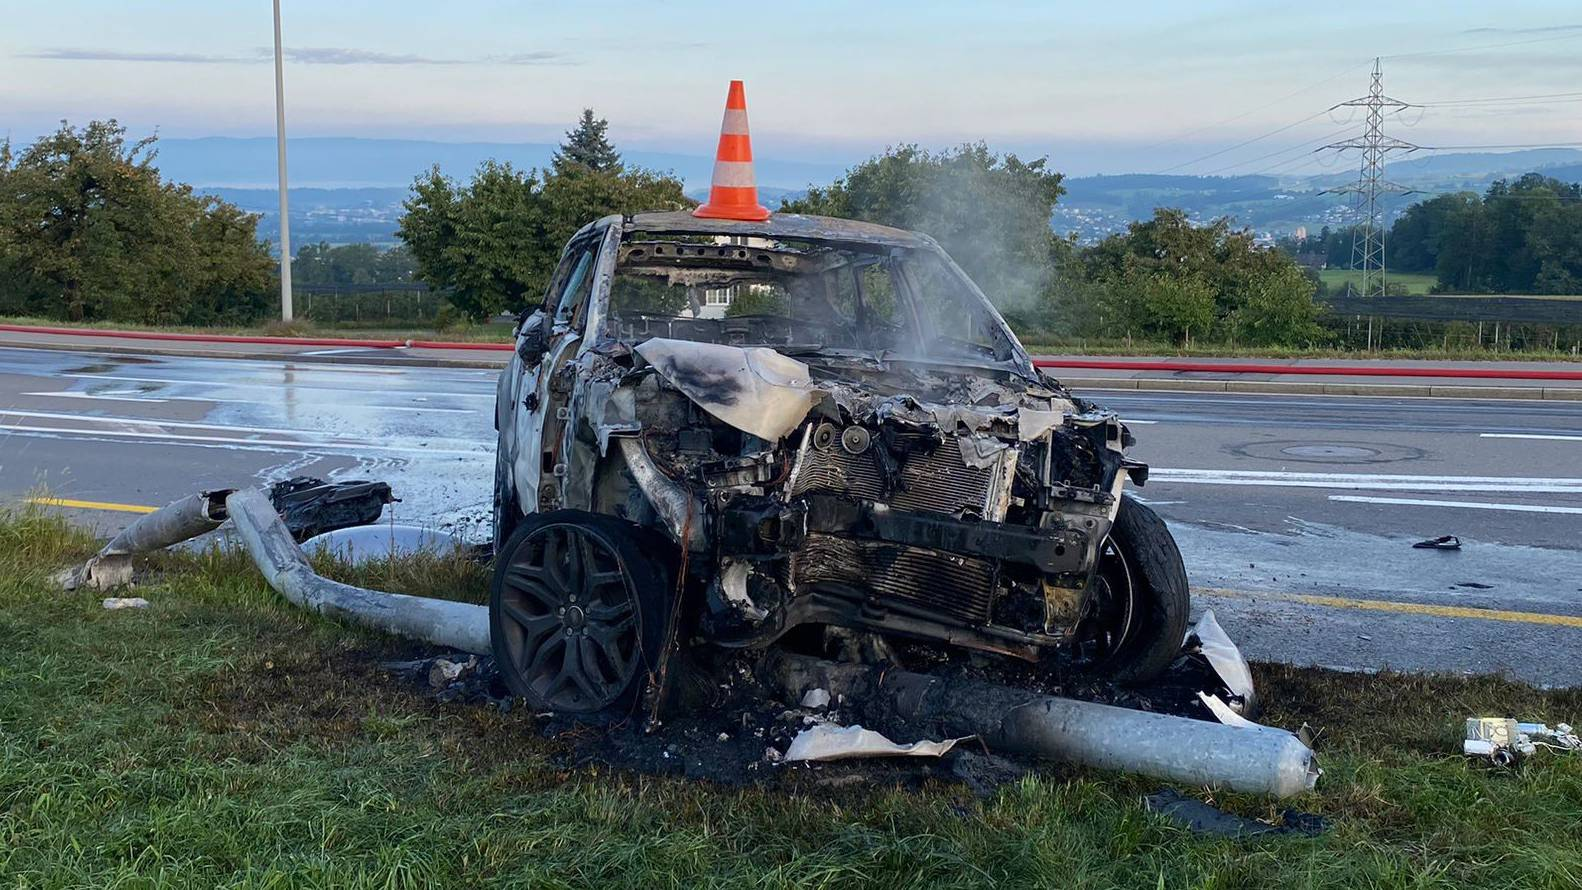 Am Auto ist ein Sachschaden von 50'000 Franken entstanden